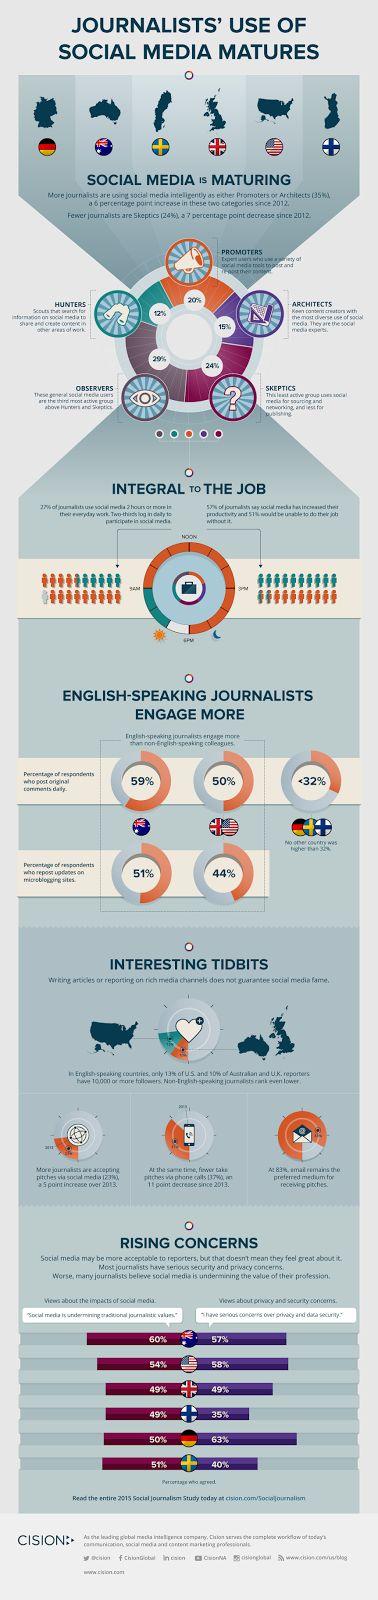 Redat24: Giornalisti e social network, cosa cambia